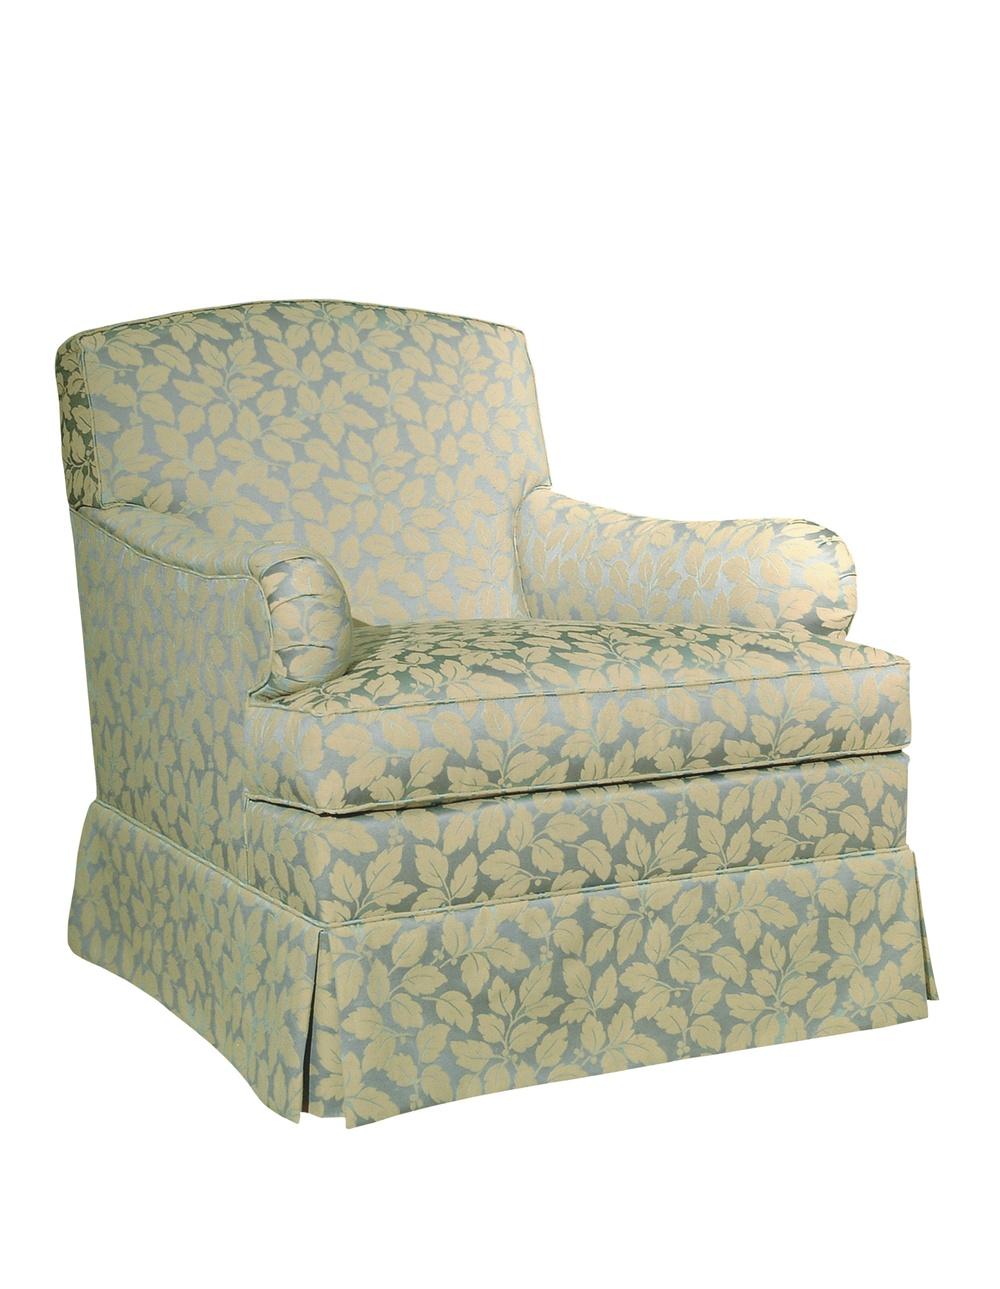 Hickory Chair - Paris Club Chair